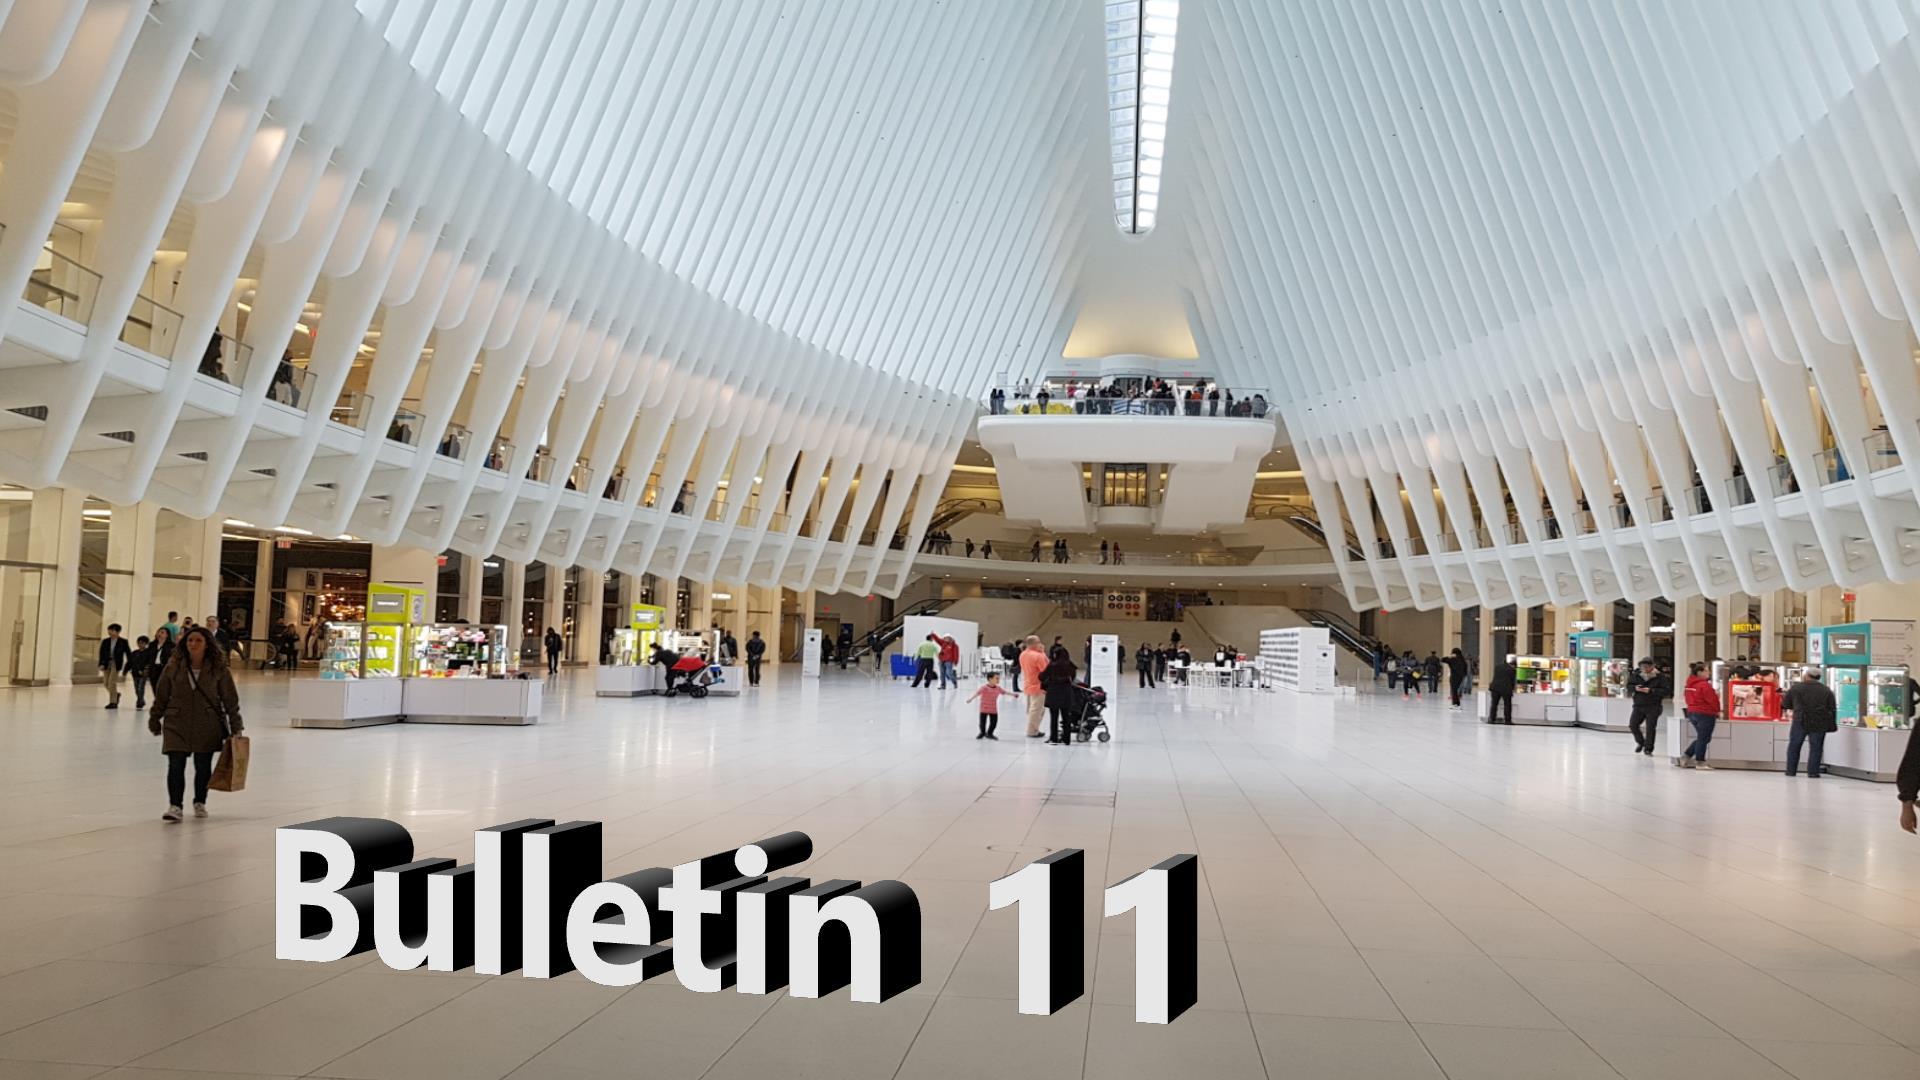 Bulletin 11, May 31